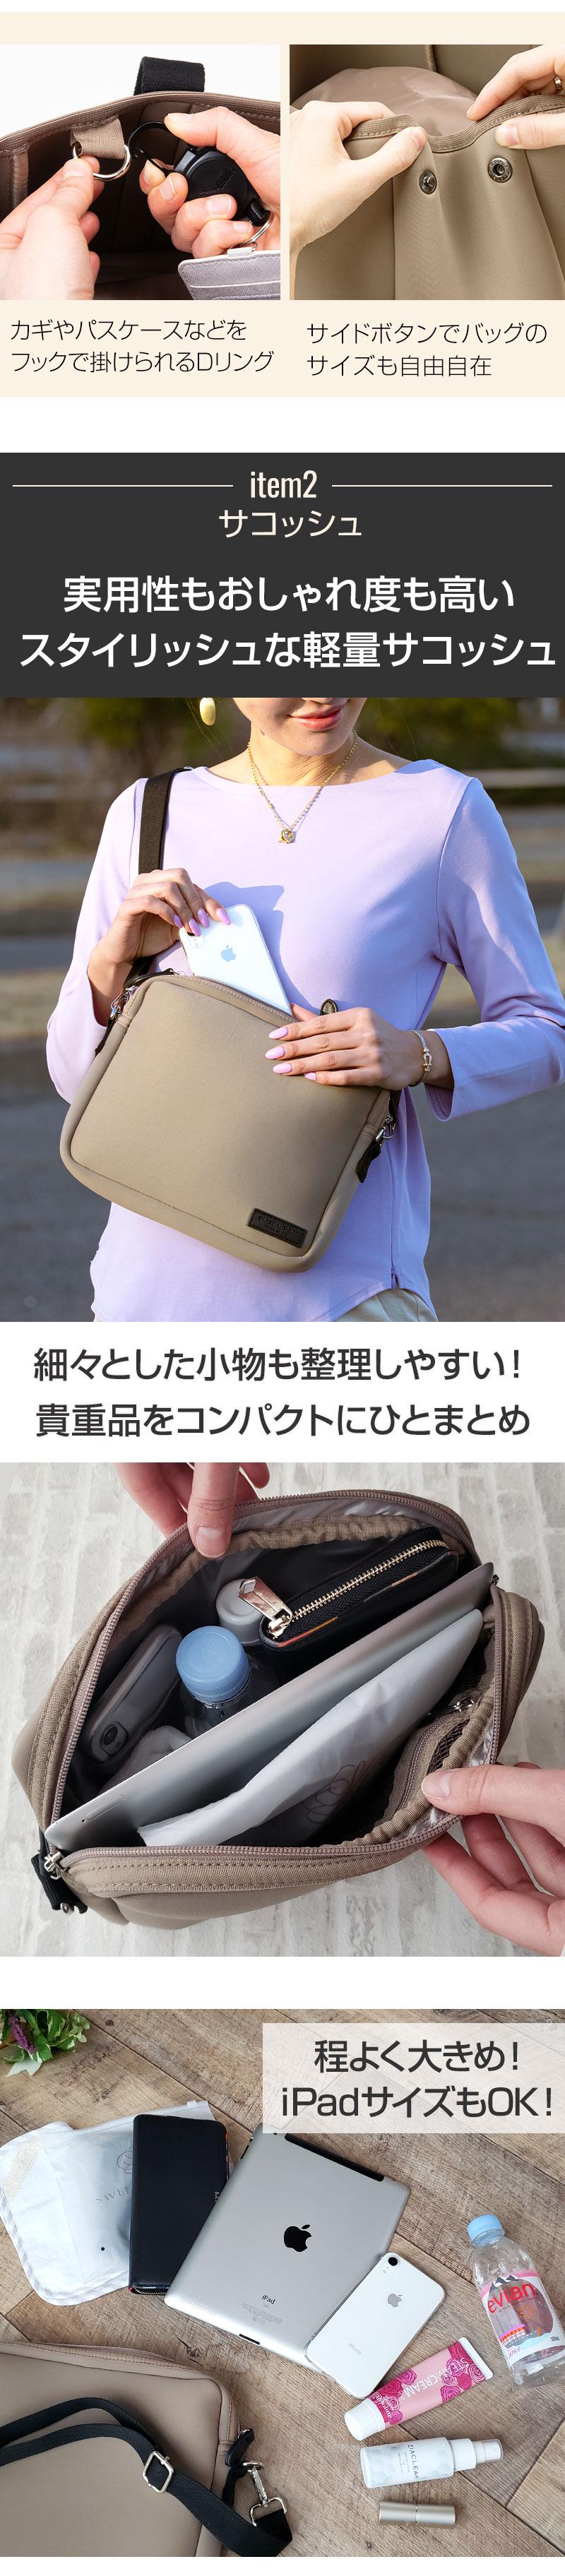 ネオプレン サコッシュ大容量 iPadケース